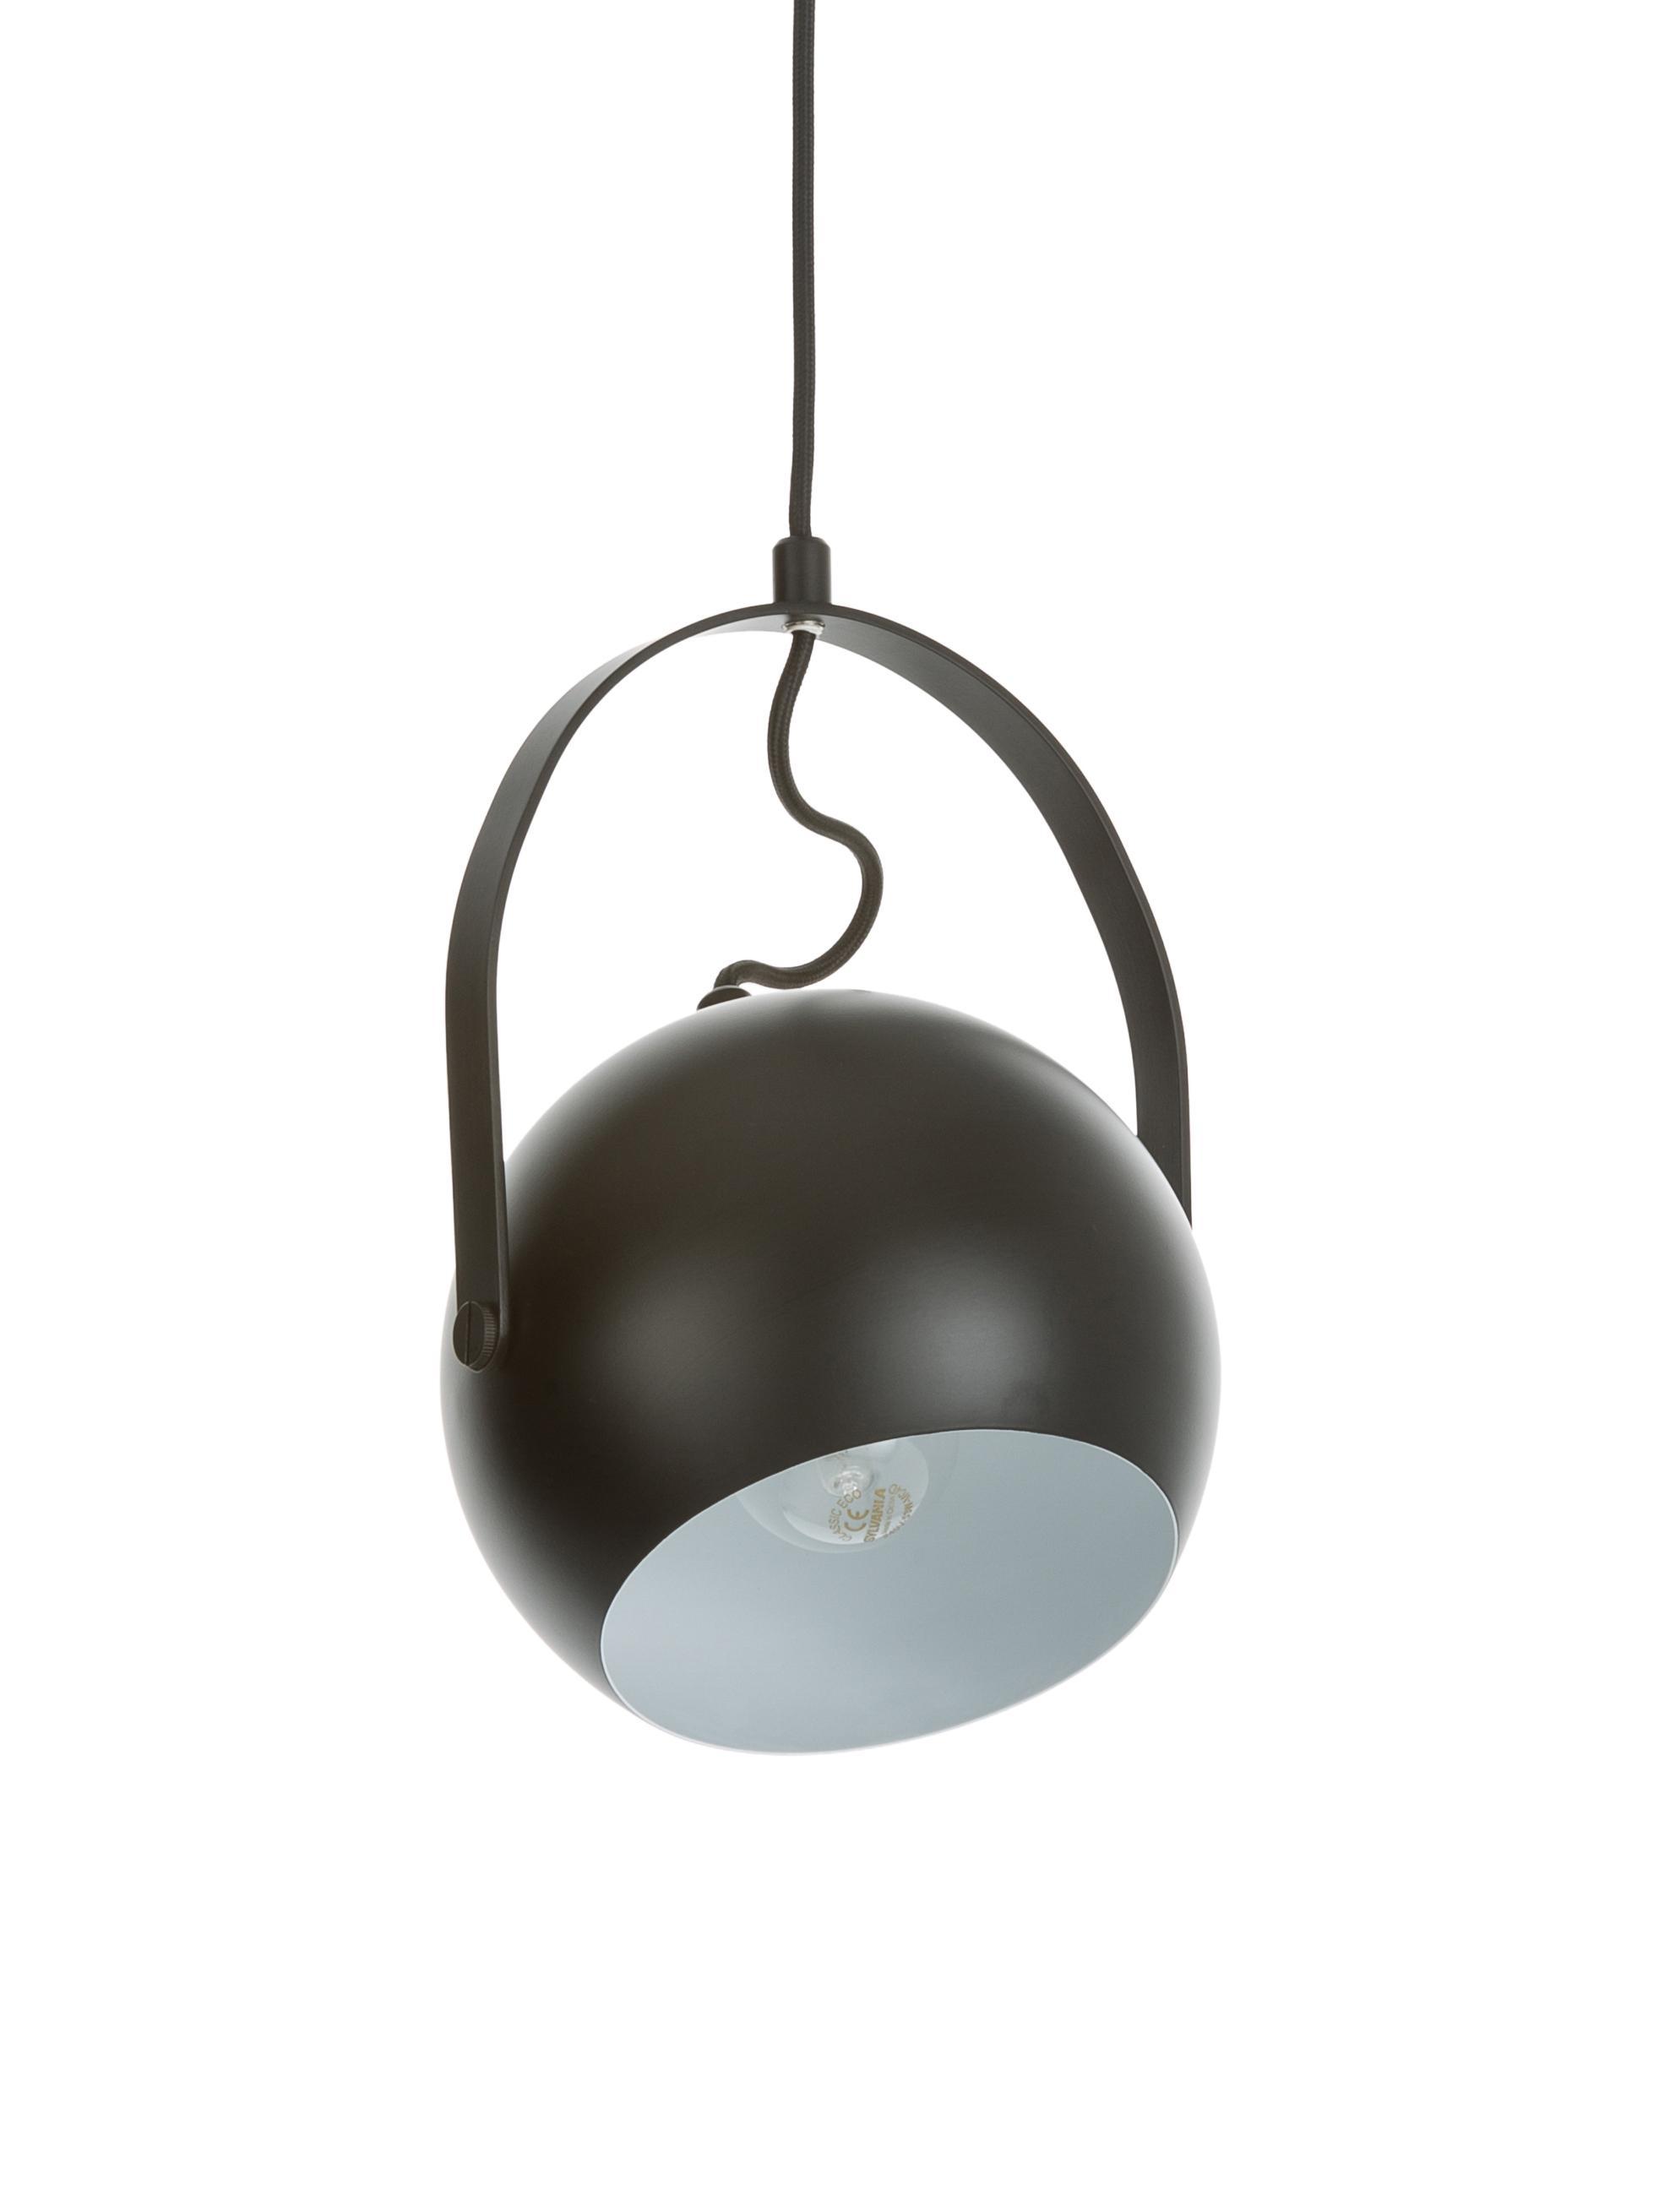 Mała lampa wisząca Ball, Metal lakierowany, Czarny, matowy, Ø 18 x W 18 cm